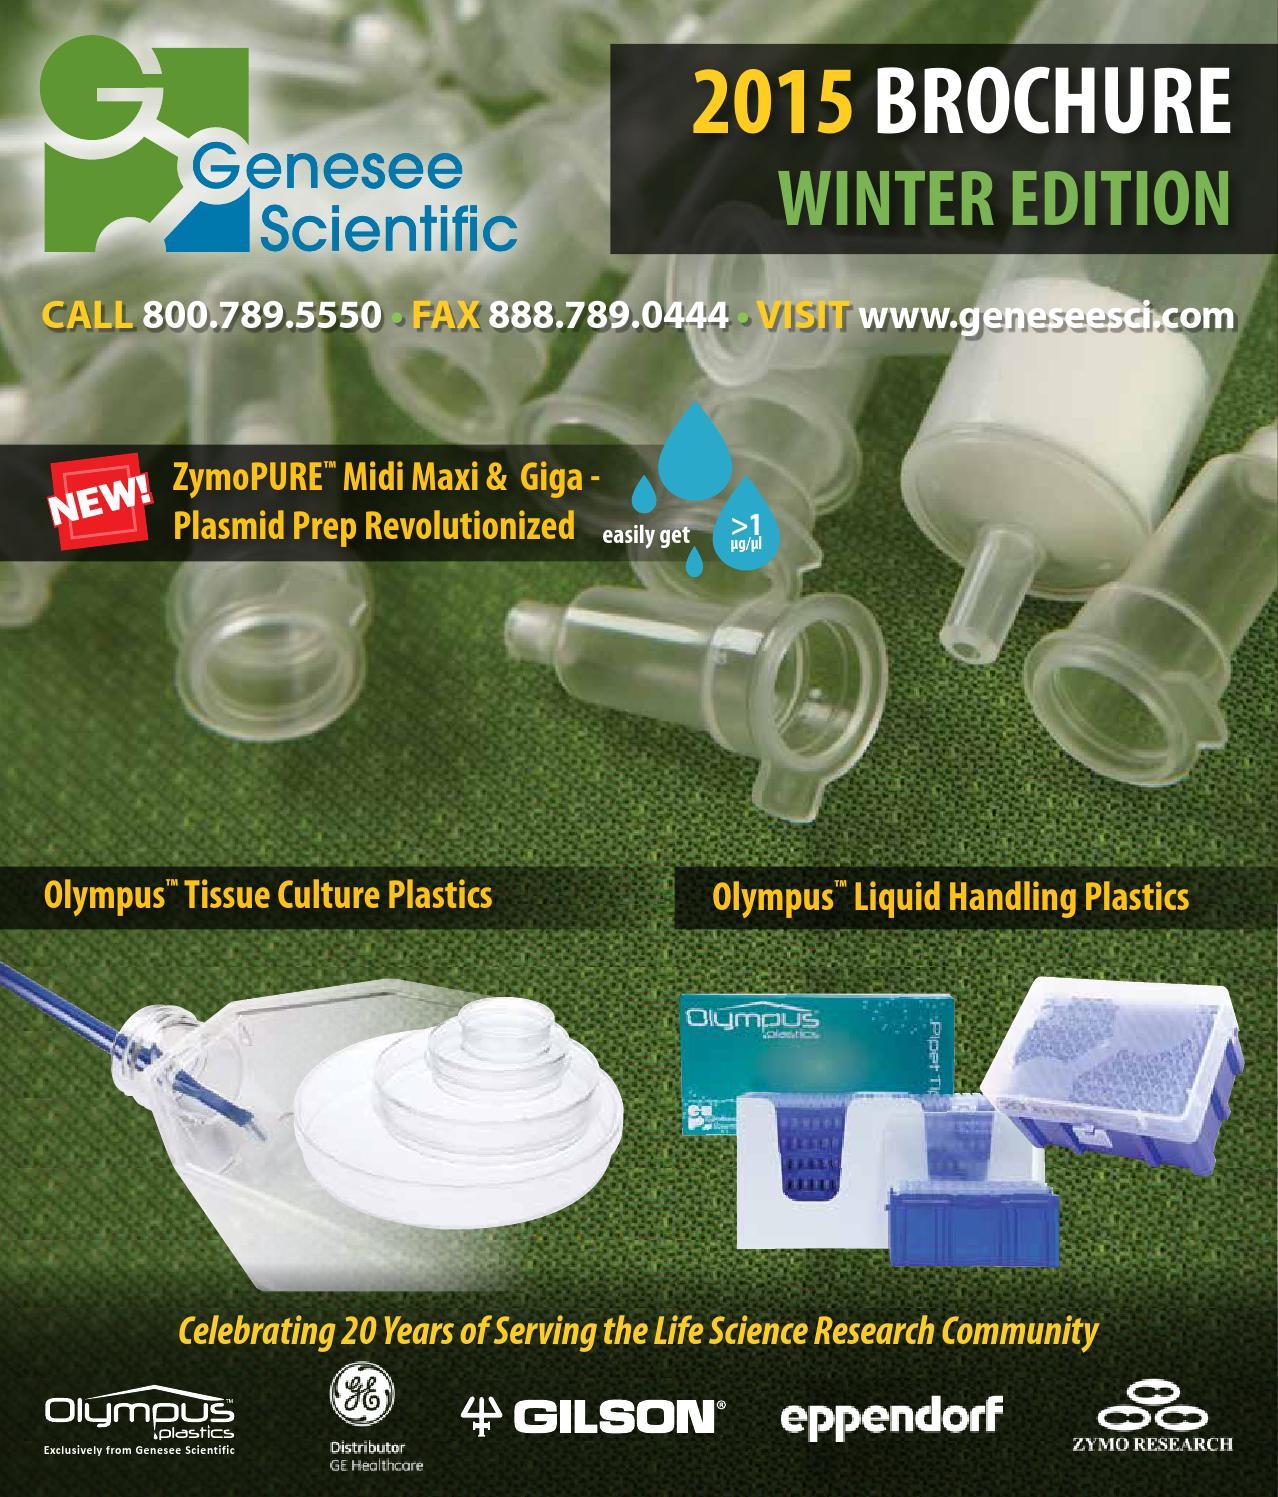 Zymopure Binding Buffer: Catalogo Genesee By Fermelo Biotec